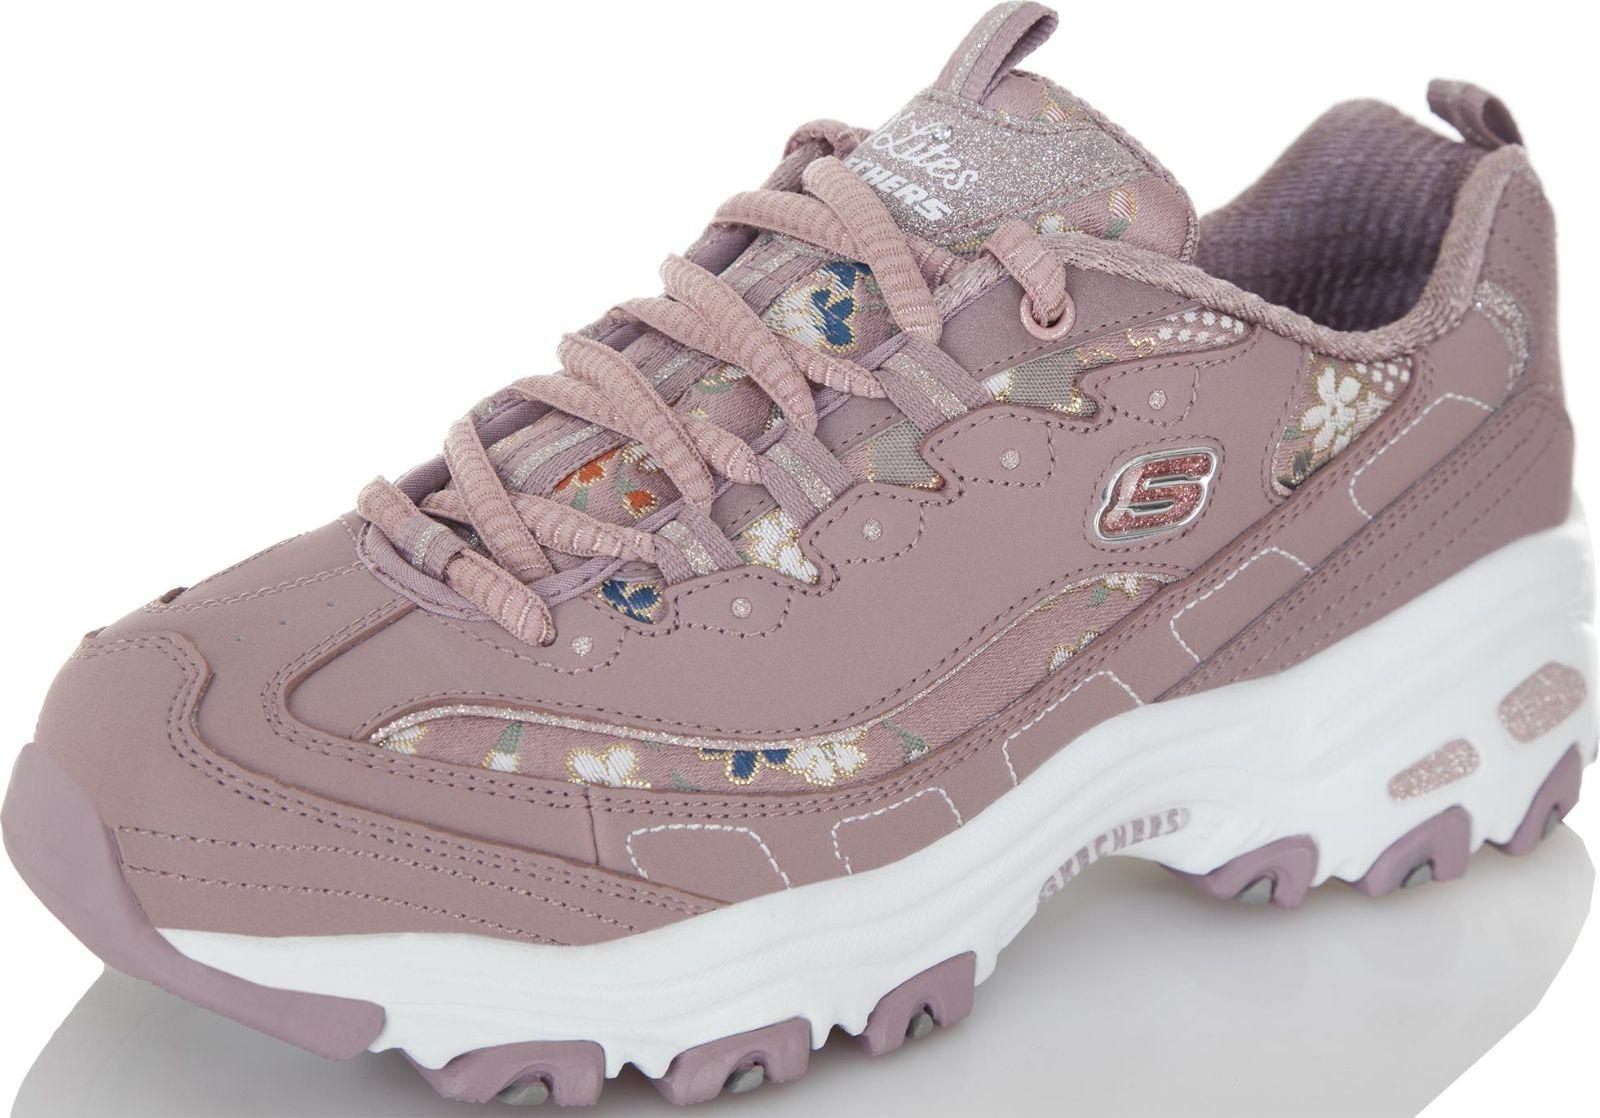 Кроссовки женские Skechers DLites-Floral Days, цвет: лиловый. 13082-MVE. Размер 9,5 (41)13082-MVEКроссовки женские для фитнеса DLITES-FLORAL DAYS. Объемная подошва из материала ЭВА прекрасно поглощает удары, которые возникают при ходьбе. В обуви установлена стелька Air Cooled Memory Foam, заполненная специальной пеной, которая повторяет форму стопы. Также стелька имеет перфорацию, которая обеспечивает принудительную вентиляцию обуви. Рекомендуем!